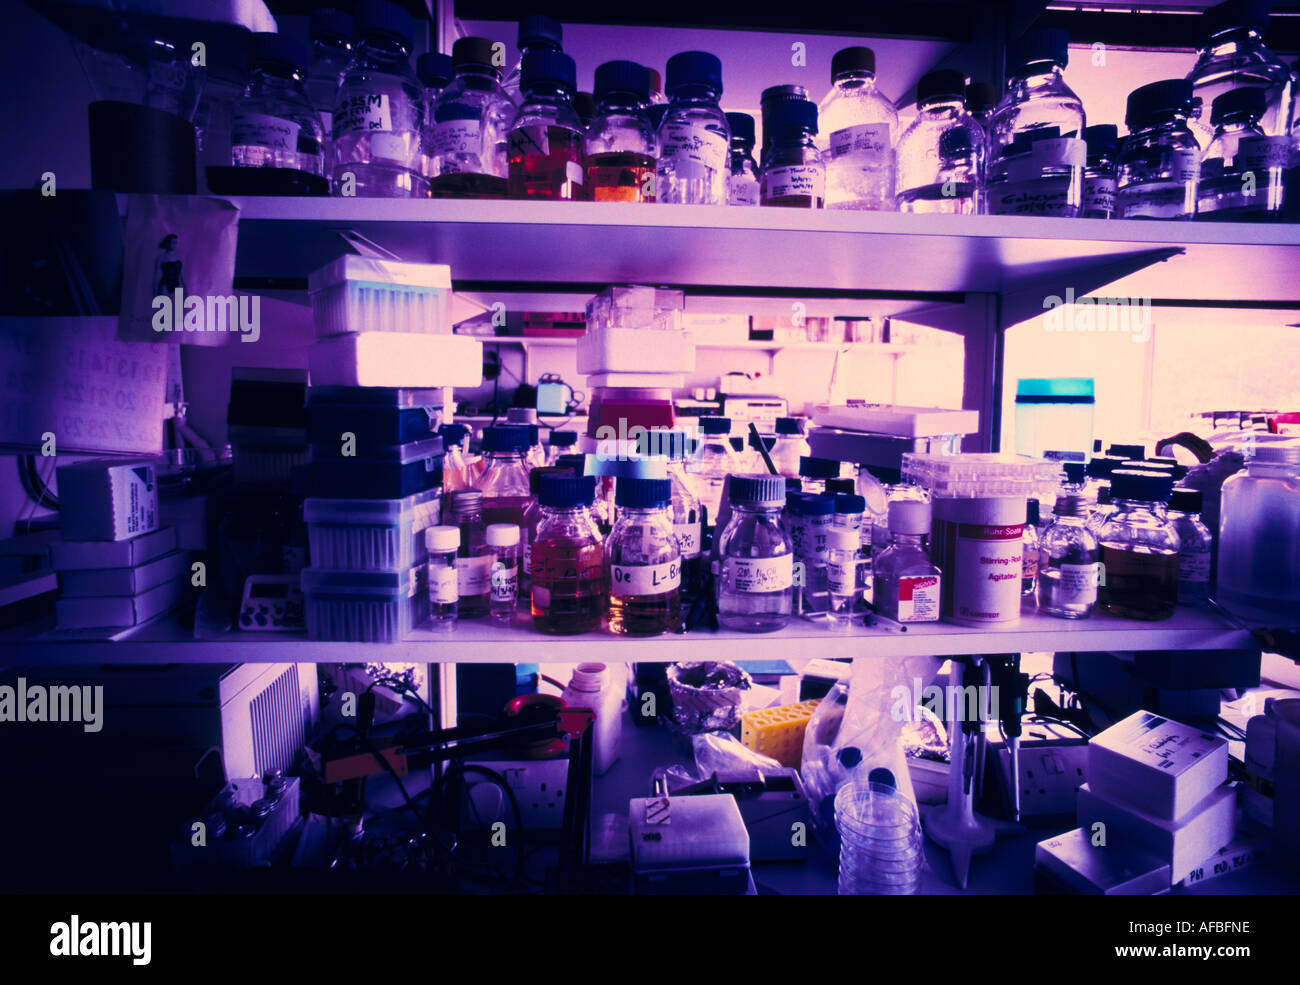 Shelves of Pharmaceutical bottles - Stock Image